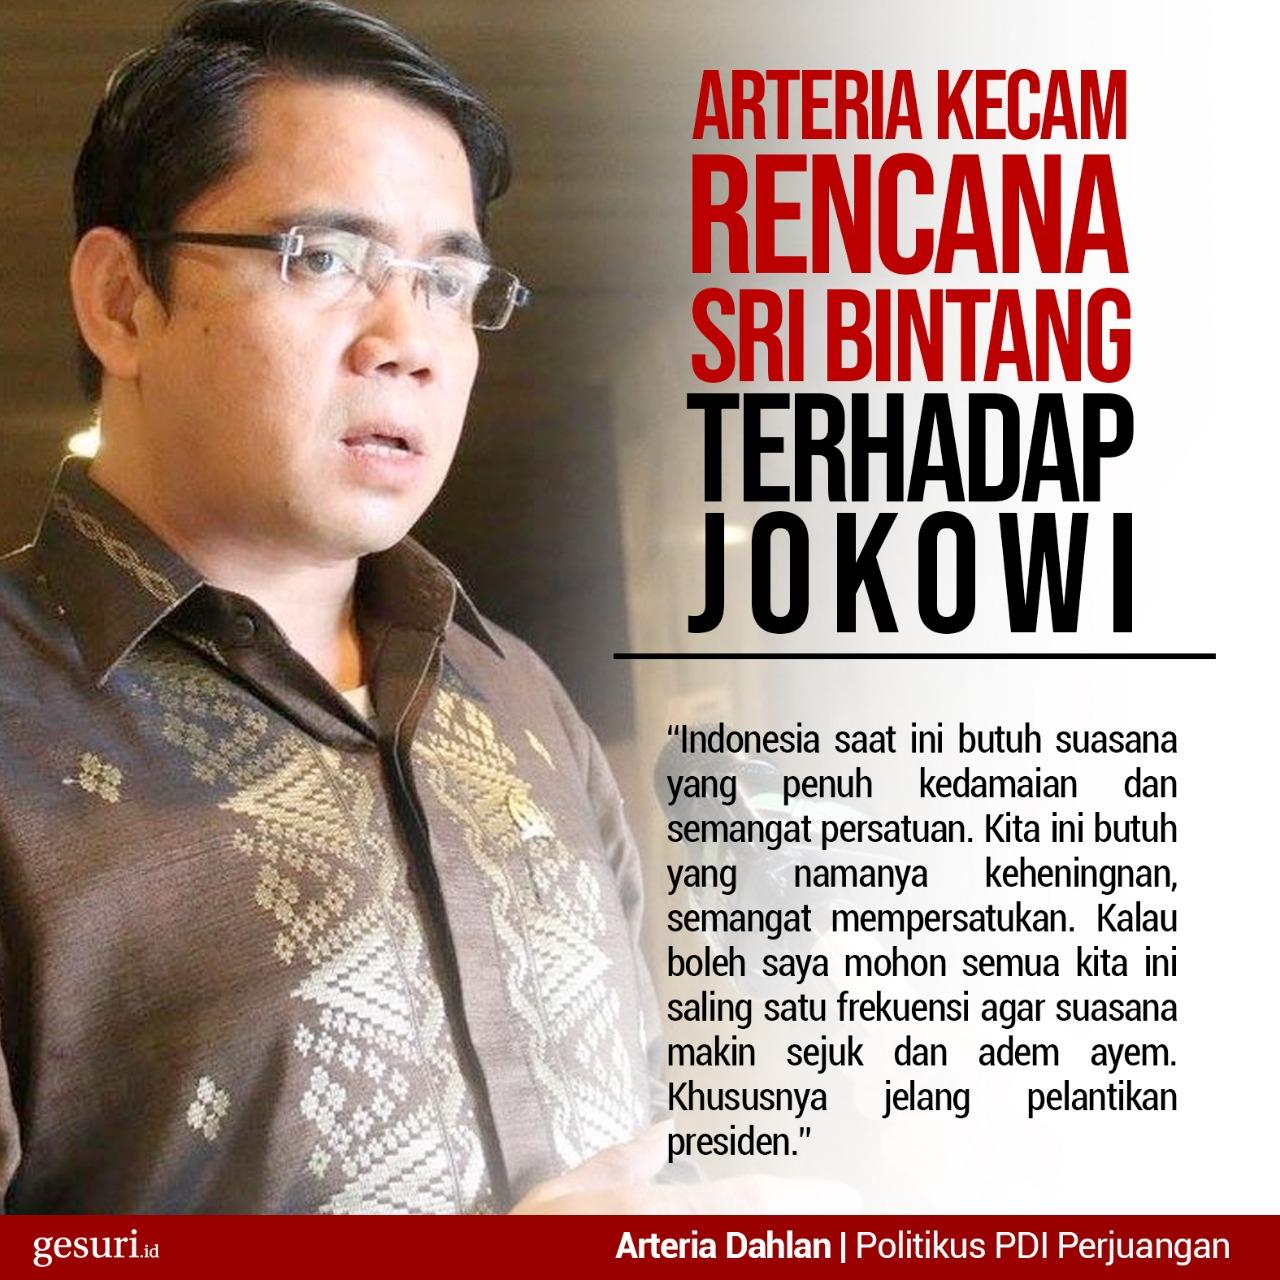 Rencana Sri Bintang Terhadap Jokowi Menimbulkan Polemik Baru